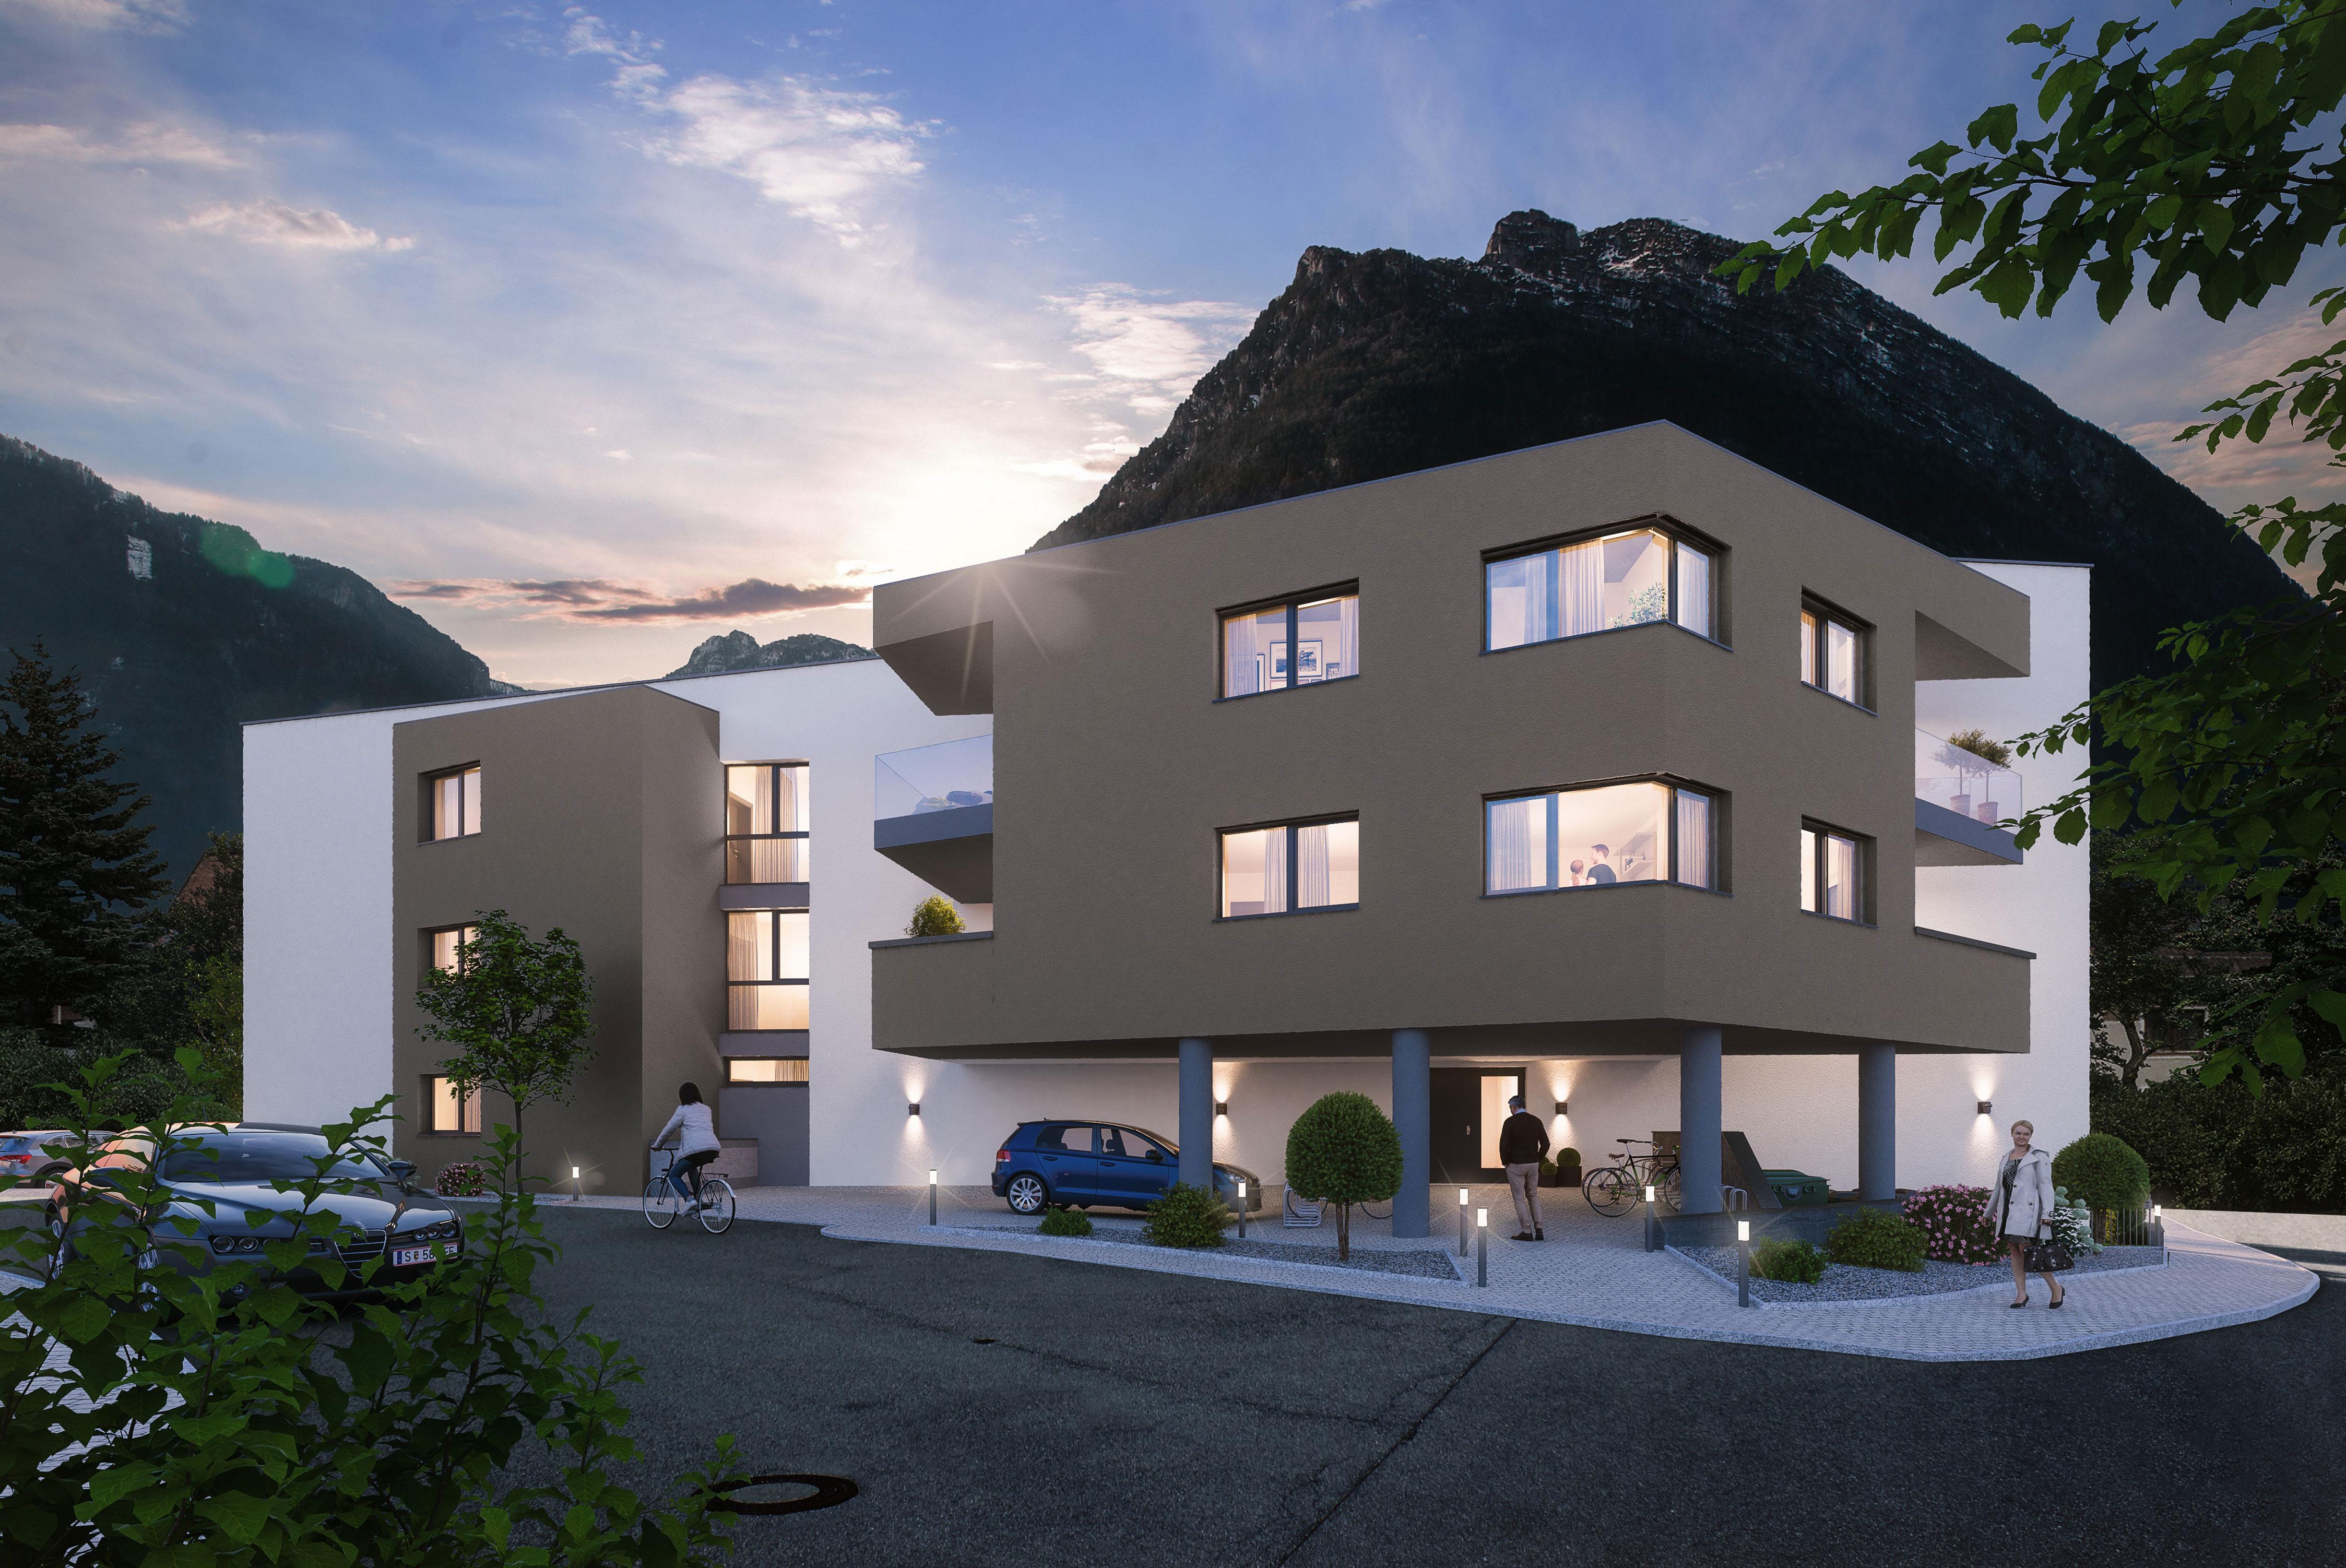 3701-Moartalstrasse-Golling-Terrasse-Stp_10-Abend_03